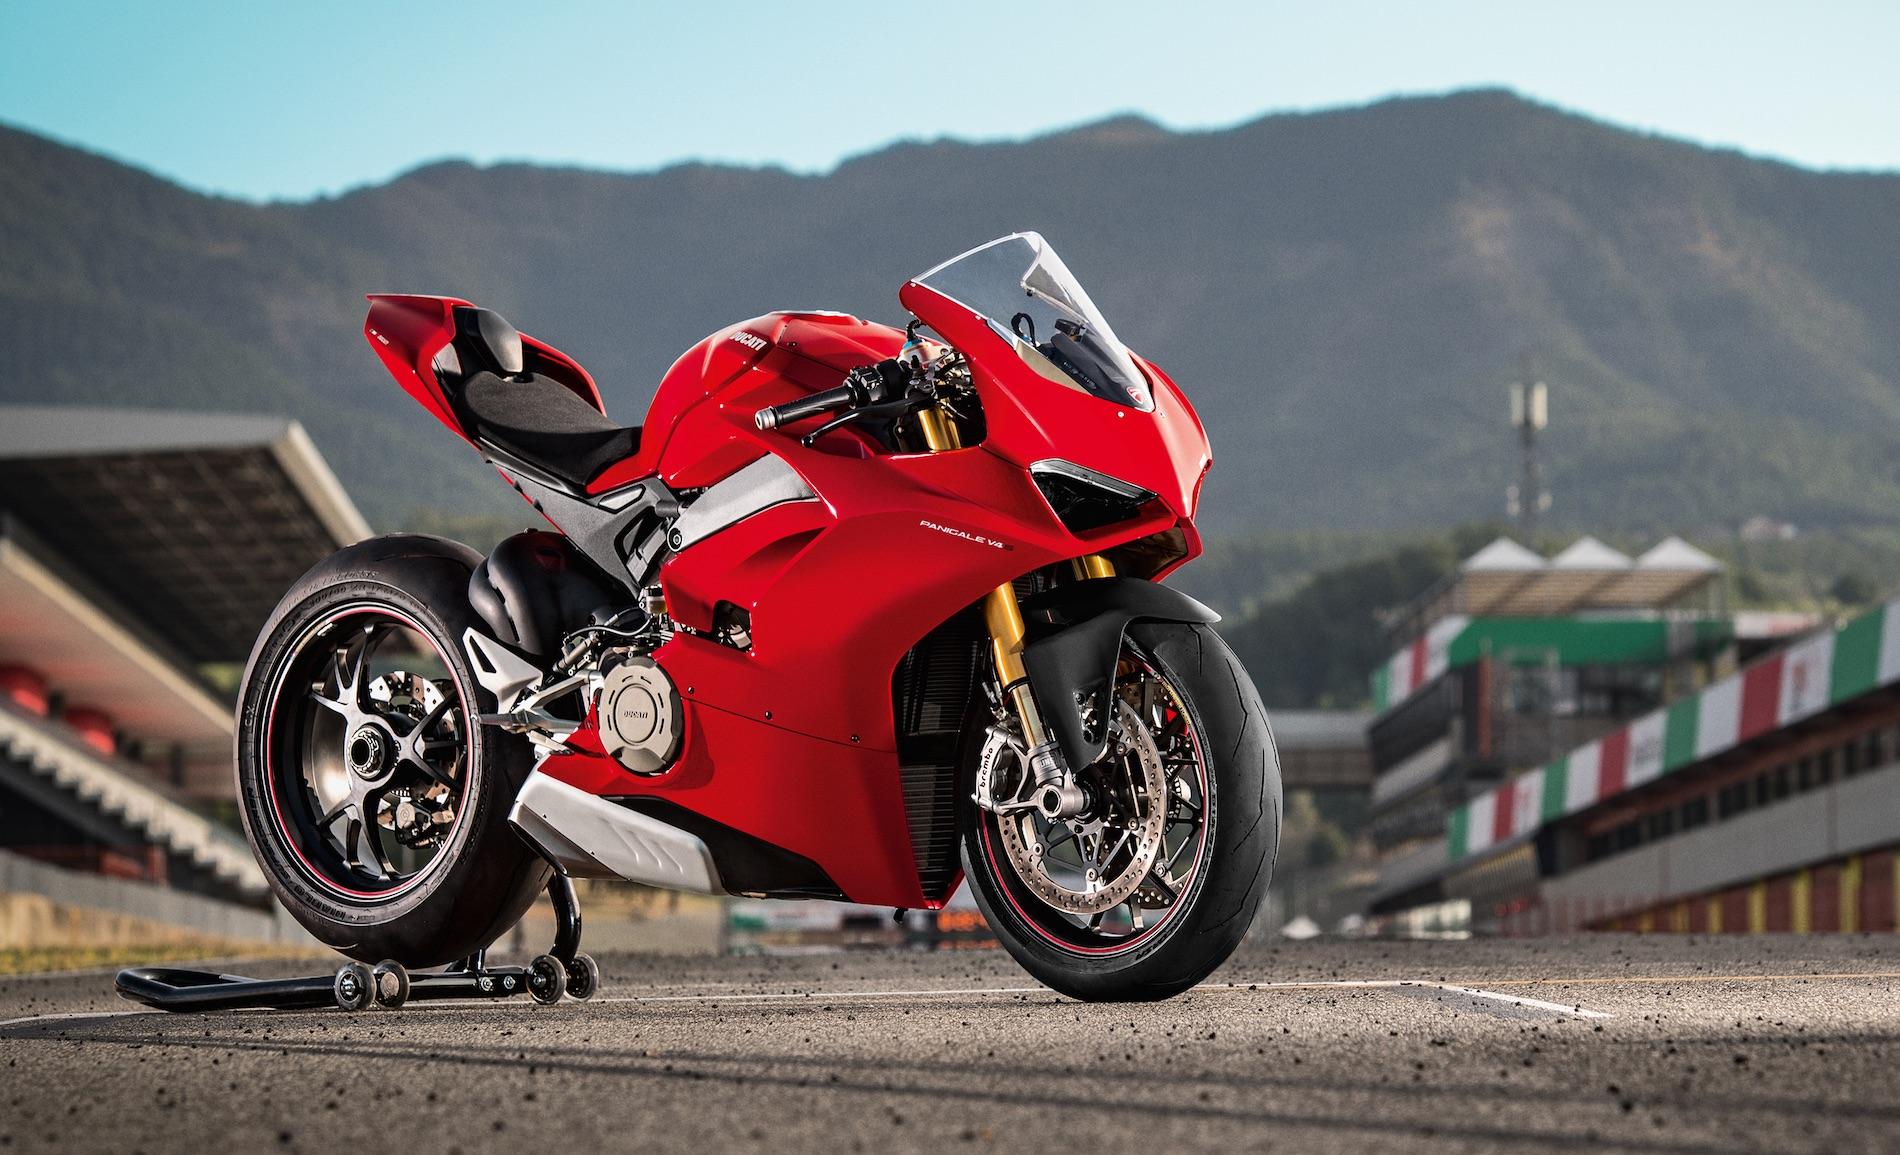 Ducati Panigale V4, comienza una nueva era